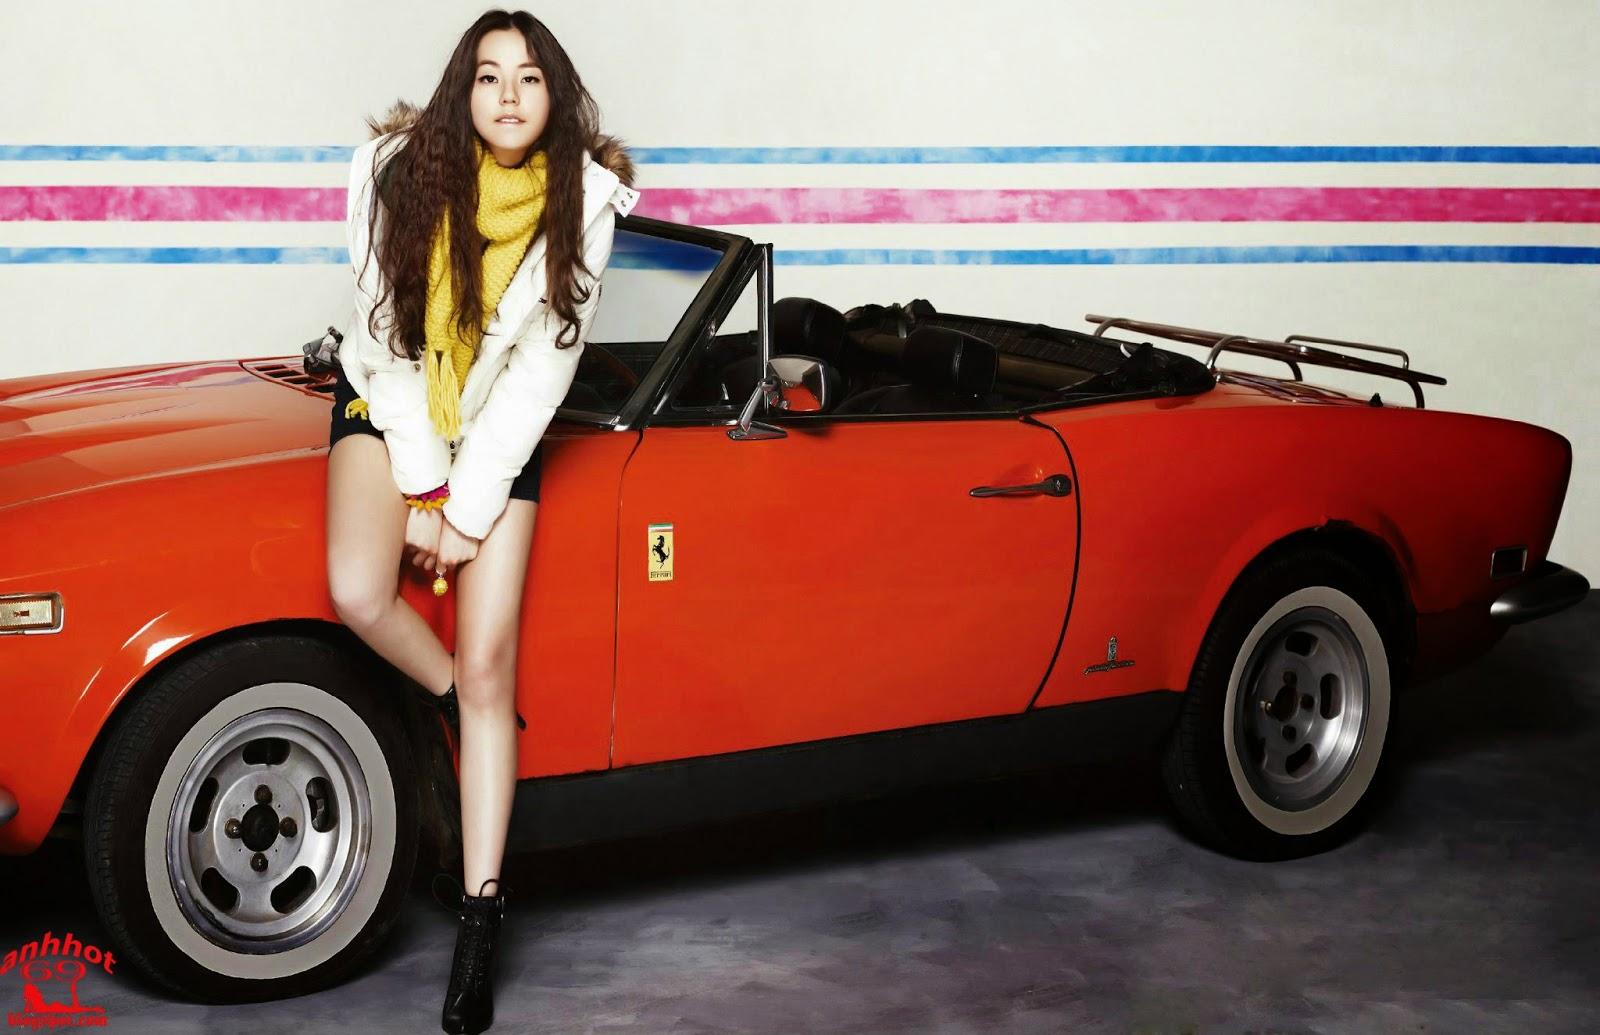 Kpop-Start-Hot_aNEQW